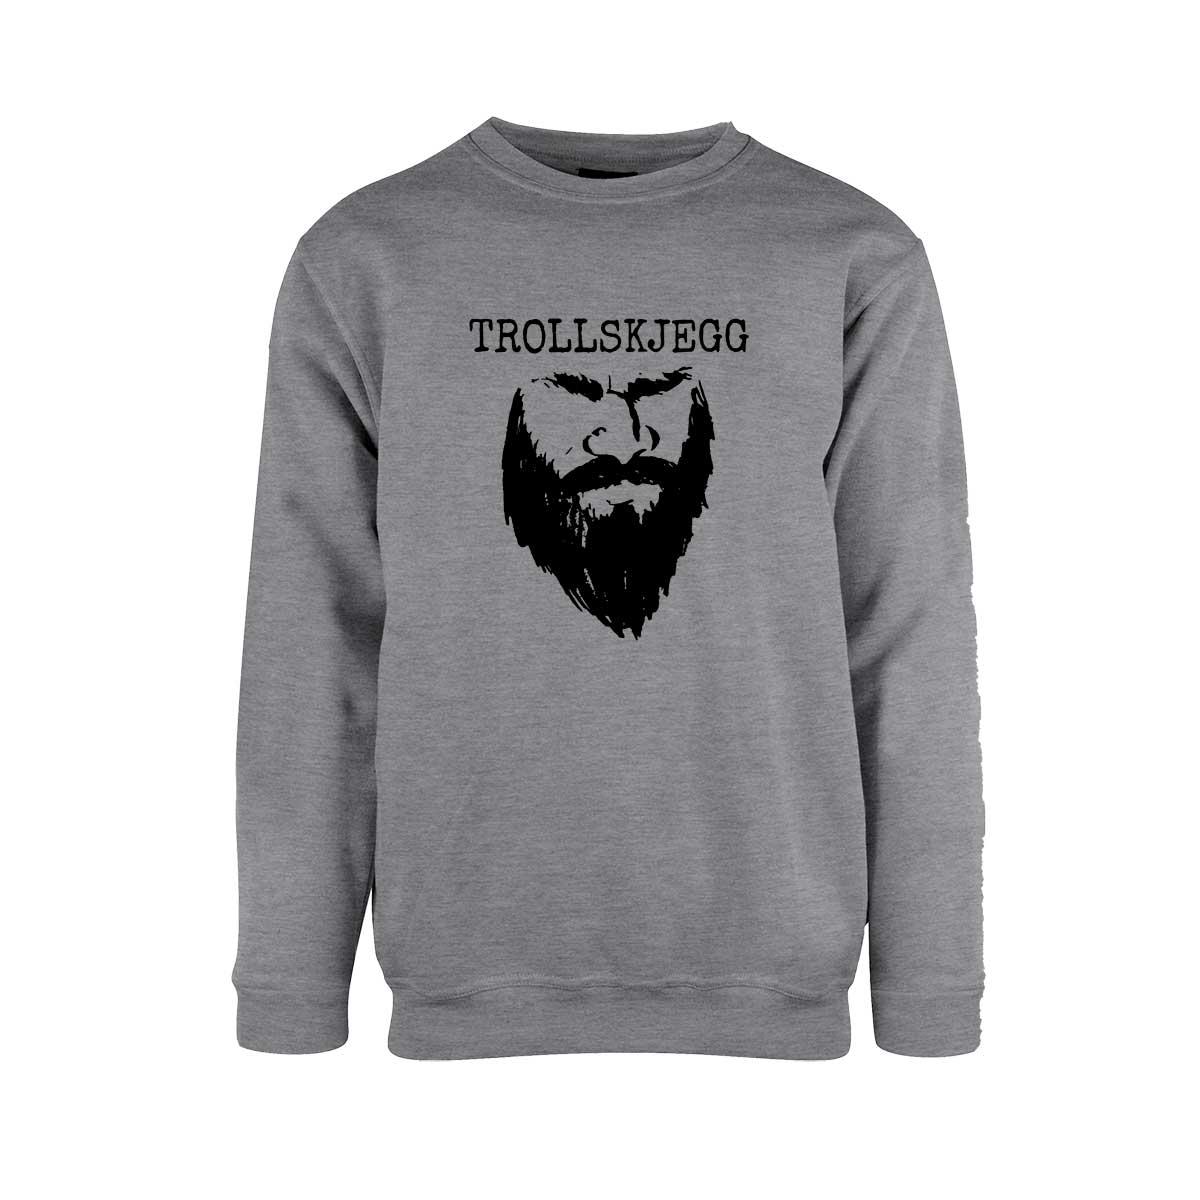 Grå genser med hvit Trollskjegg-logo